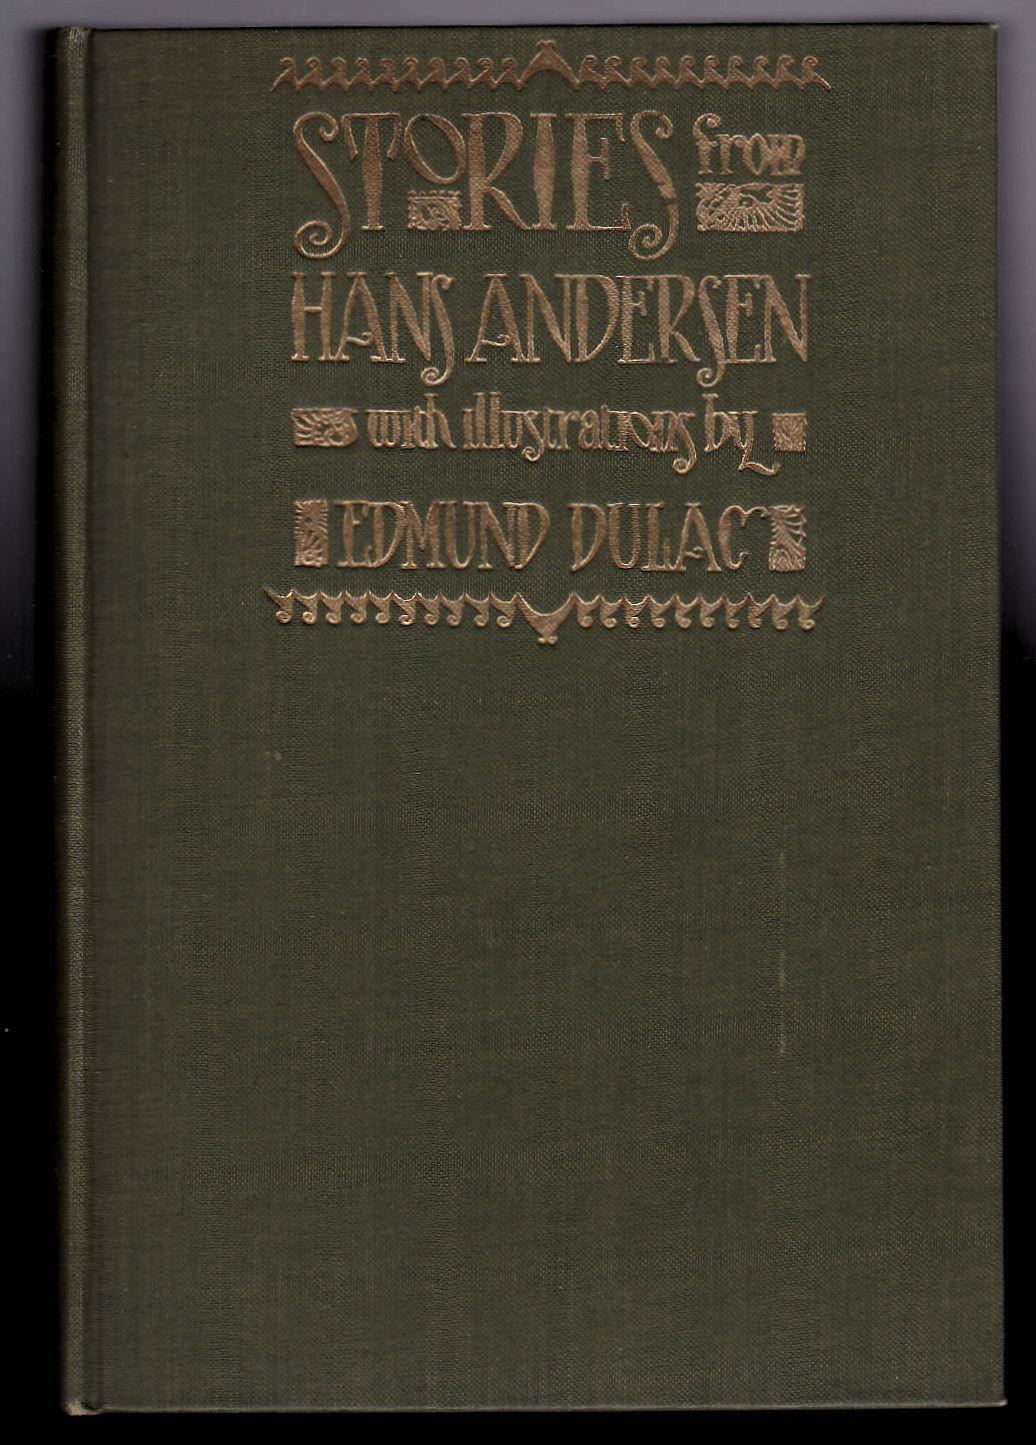 Stories from Hans Andersen Hans Christian Andersen